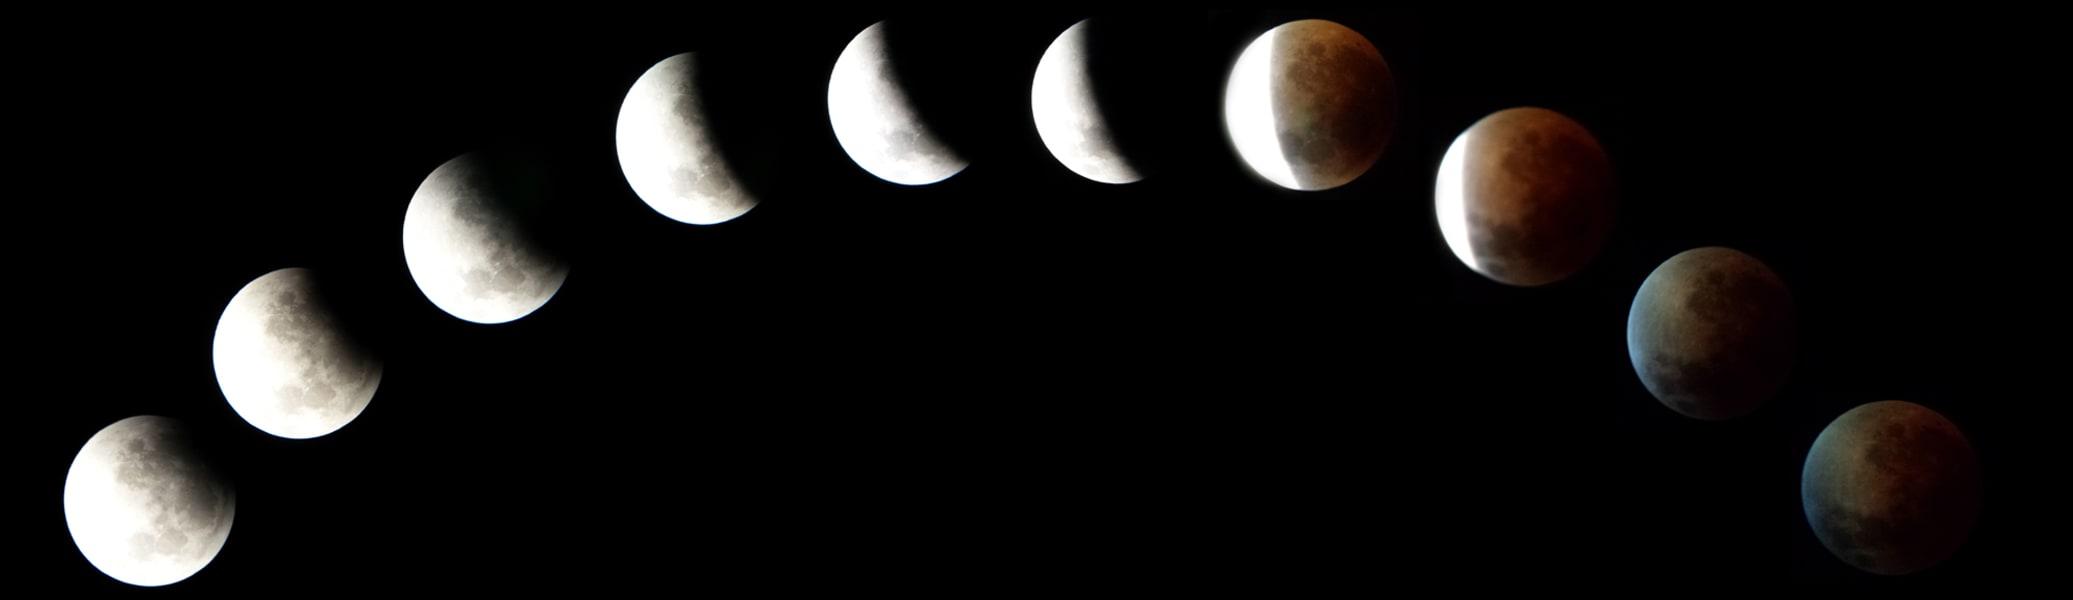 irpt.blood moon.decker